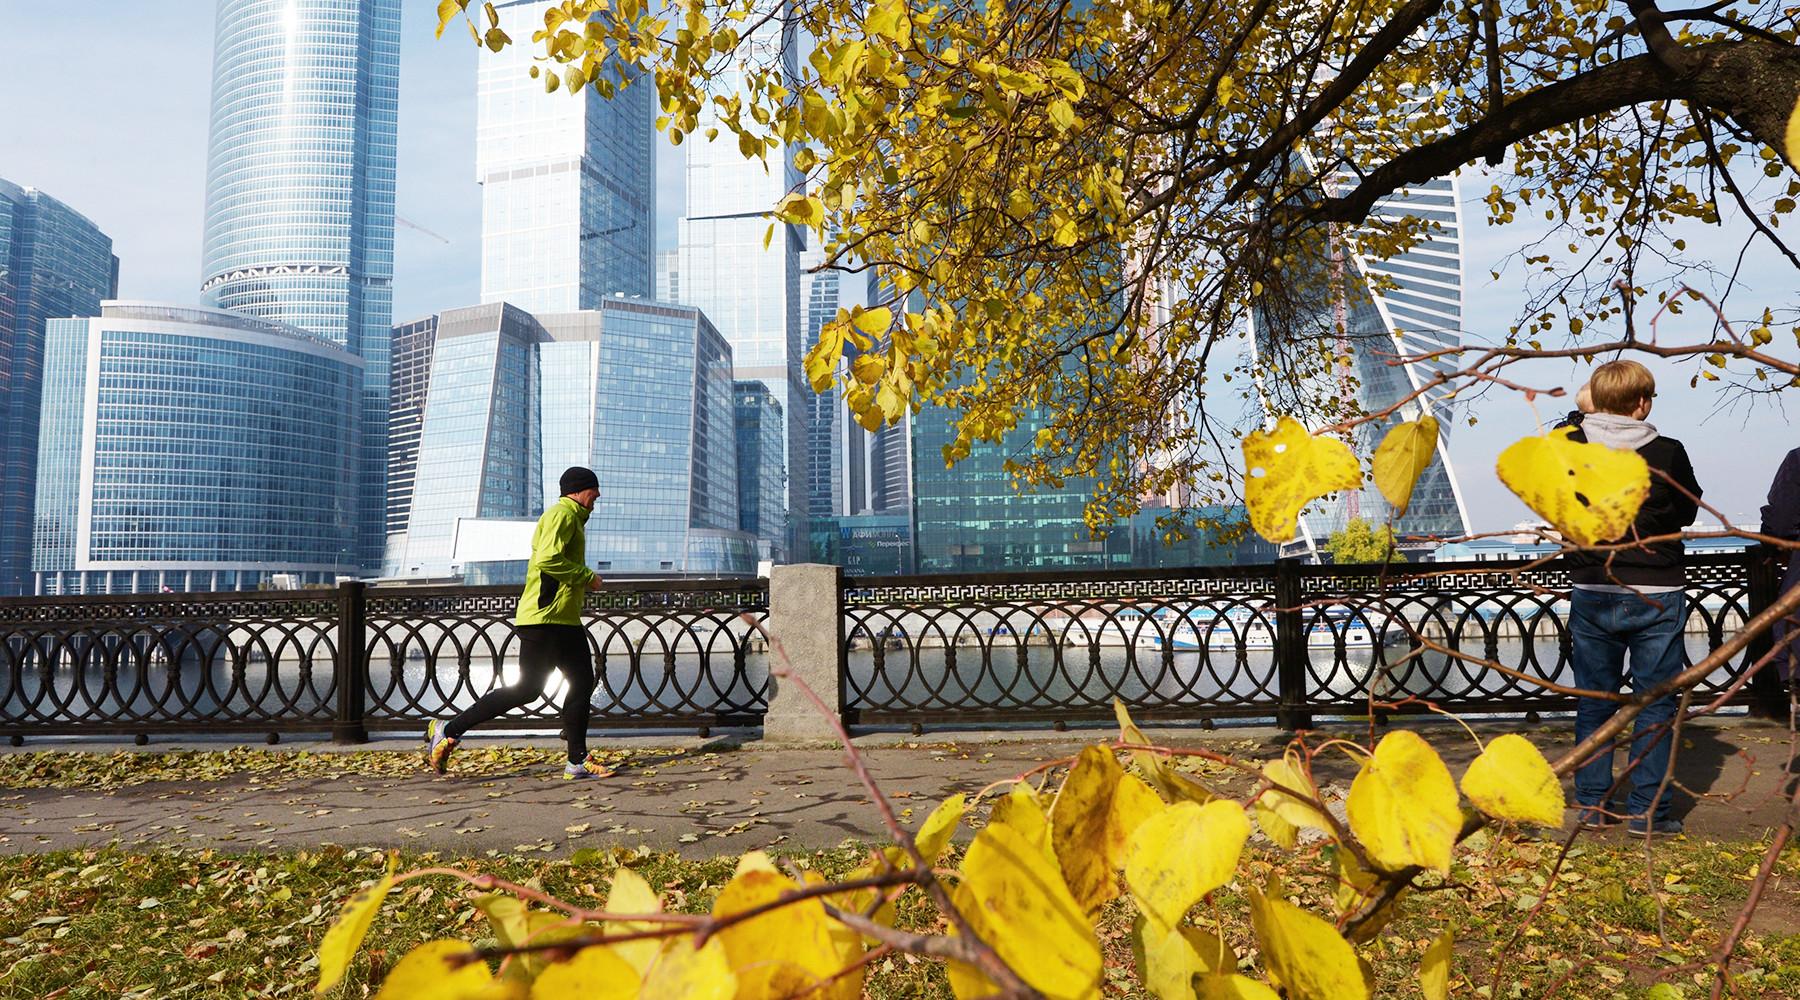 Шквалистый ветер и всплески тепла: чего ждать от погоды в Москве и области в ближайшие дни